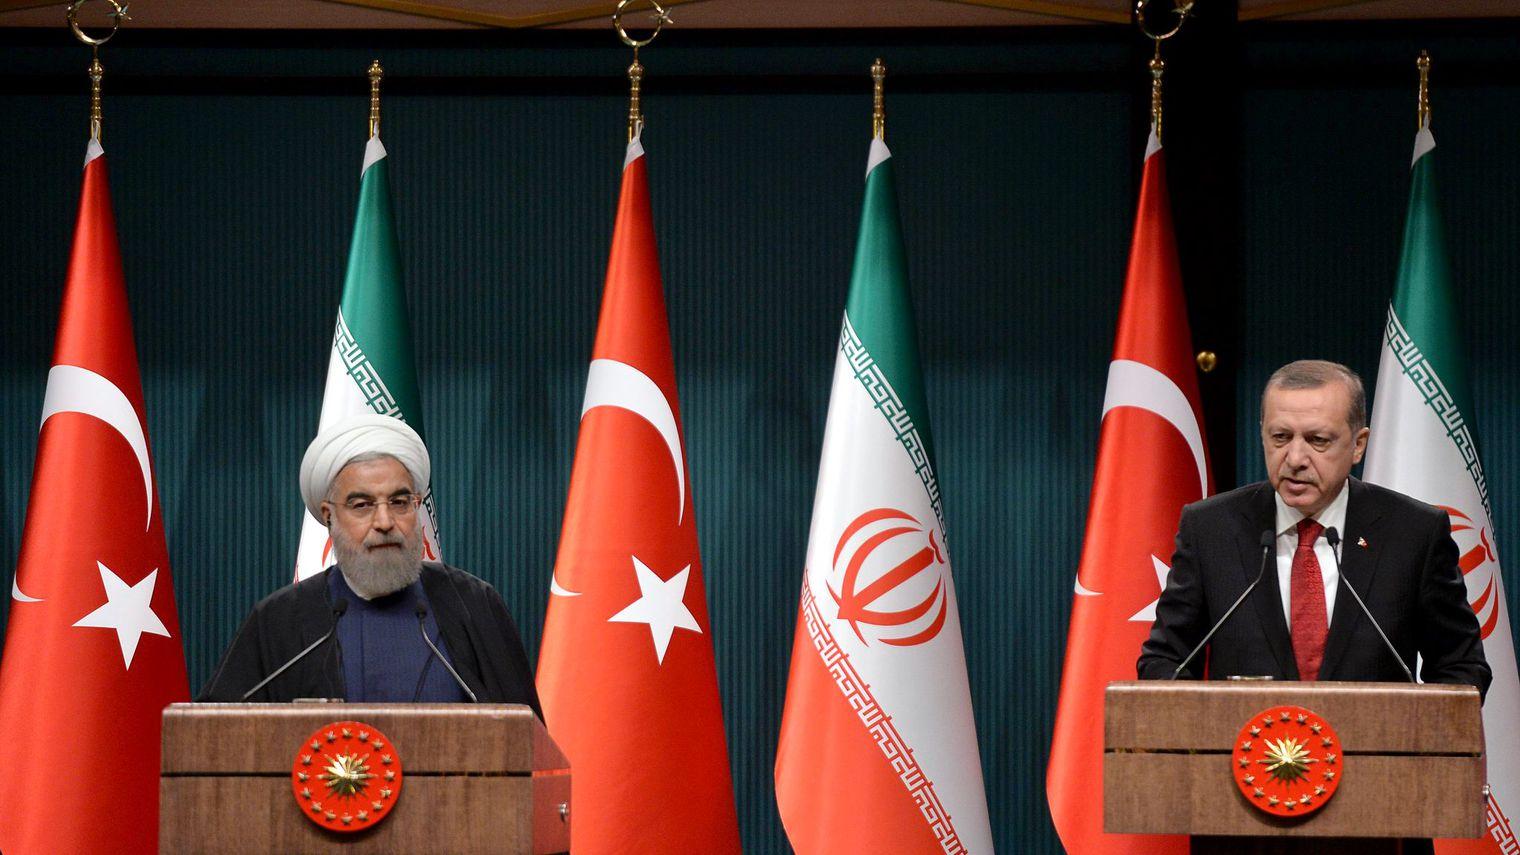 L'Organisation de la coopération islamique fustige l'Iran